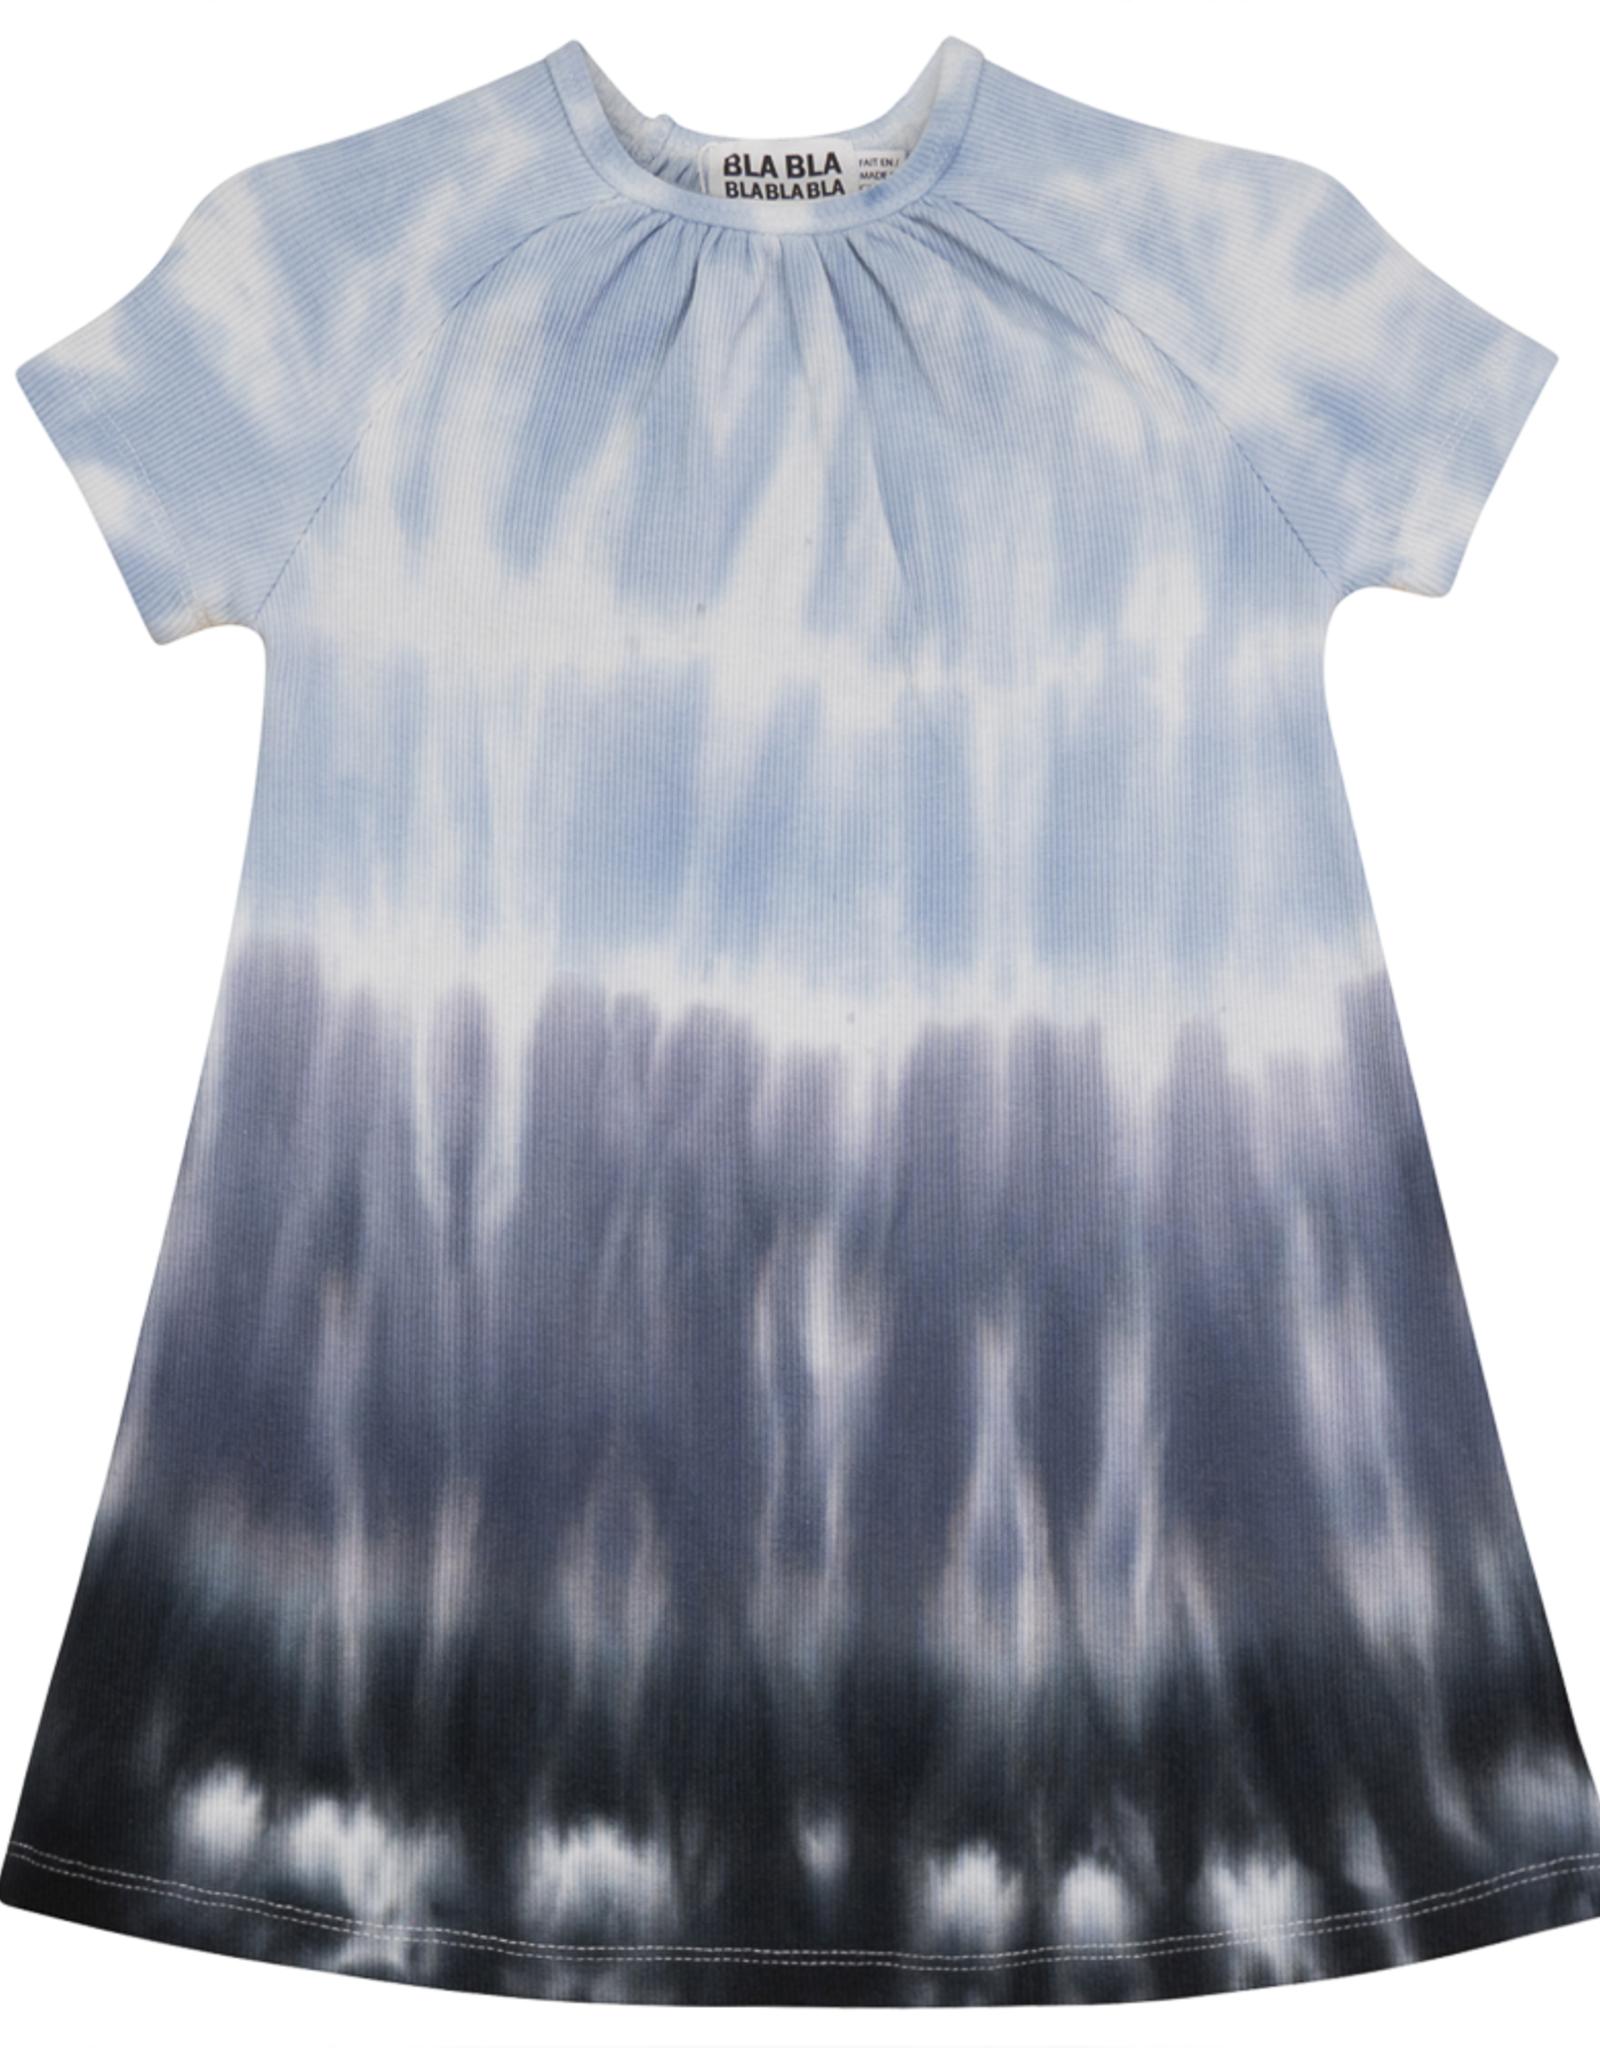 BLA BLA BlaBla TieDye Ombre Dress